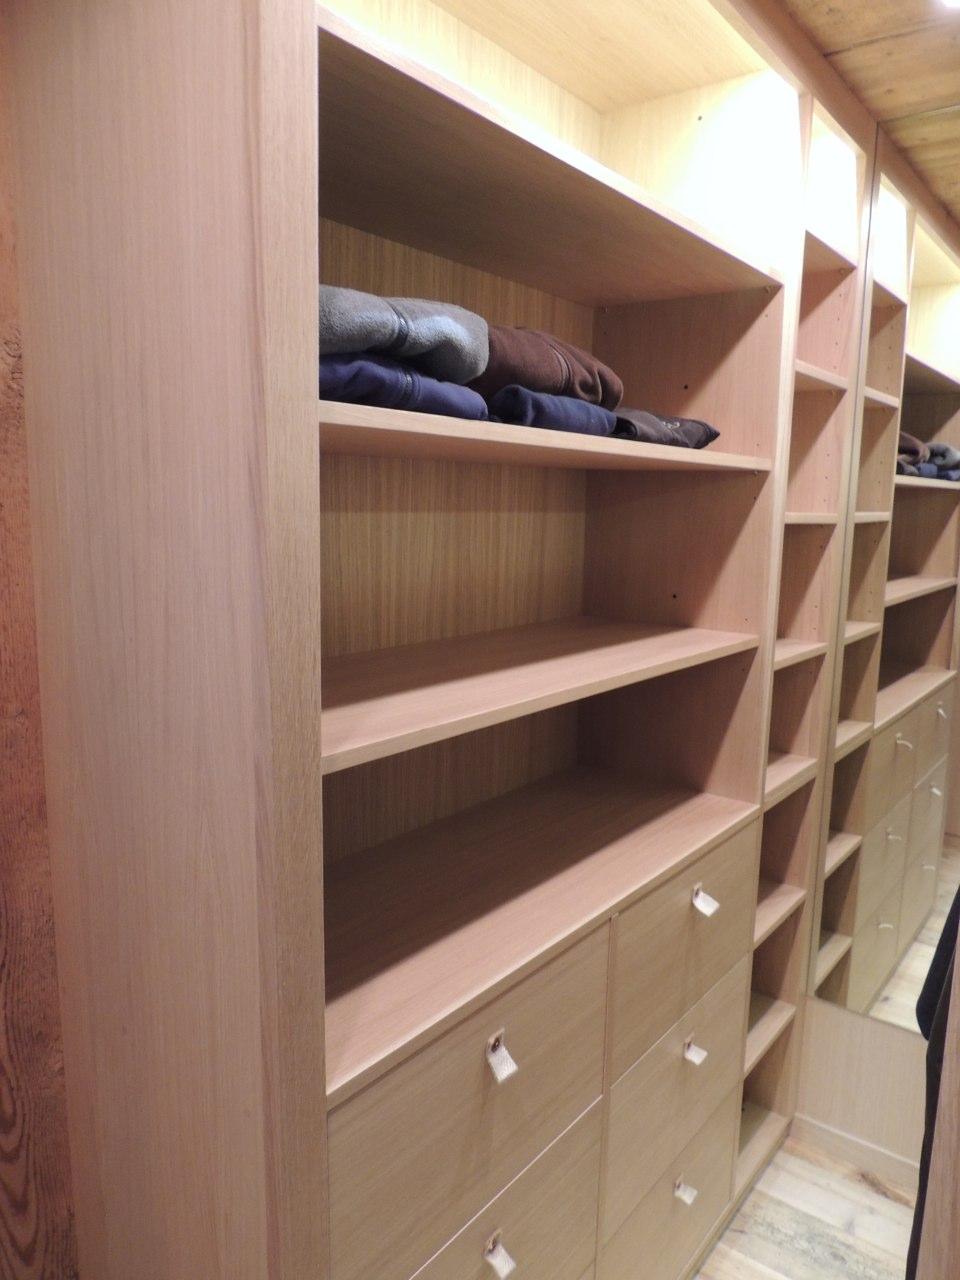 armadio con cassetti e mensole_falegnameria Bariza